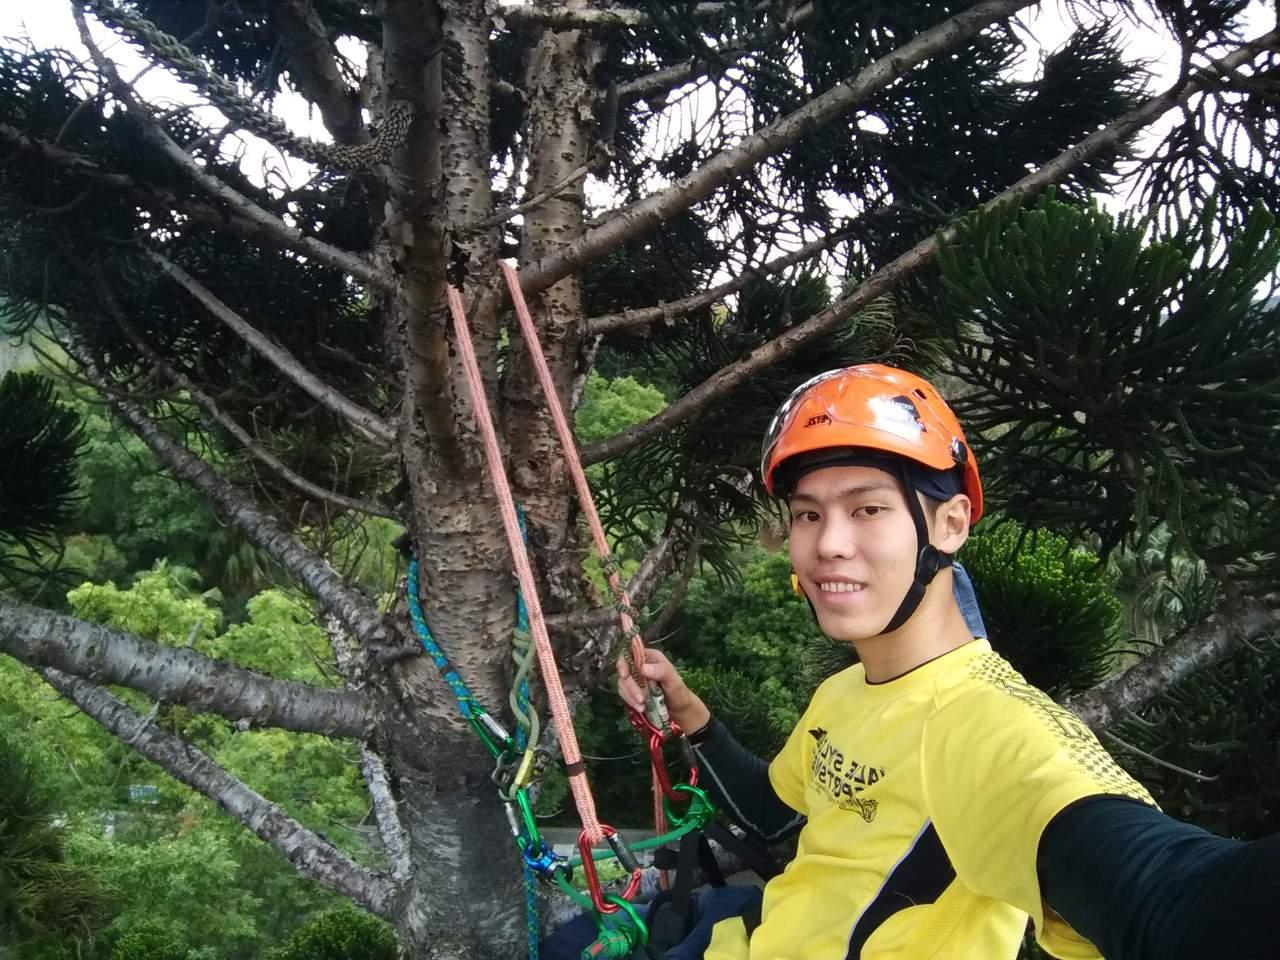 梁鎮州於新北市泰山辭修公園獨攀20米南洋杉。圖/教育部提供